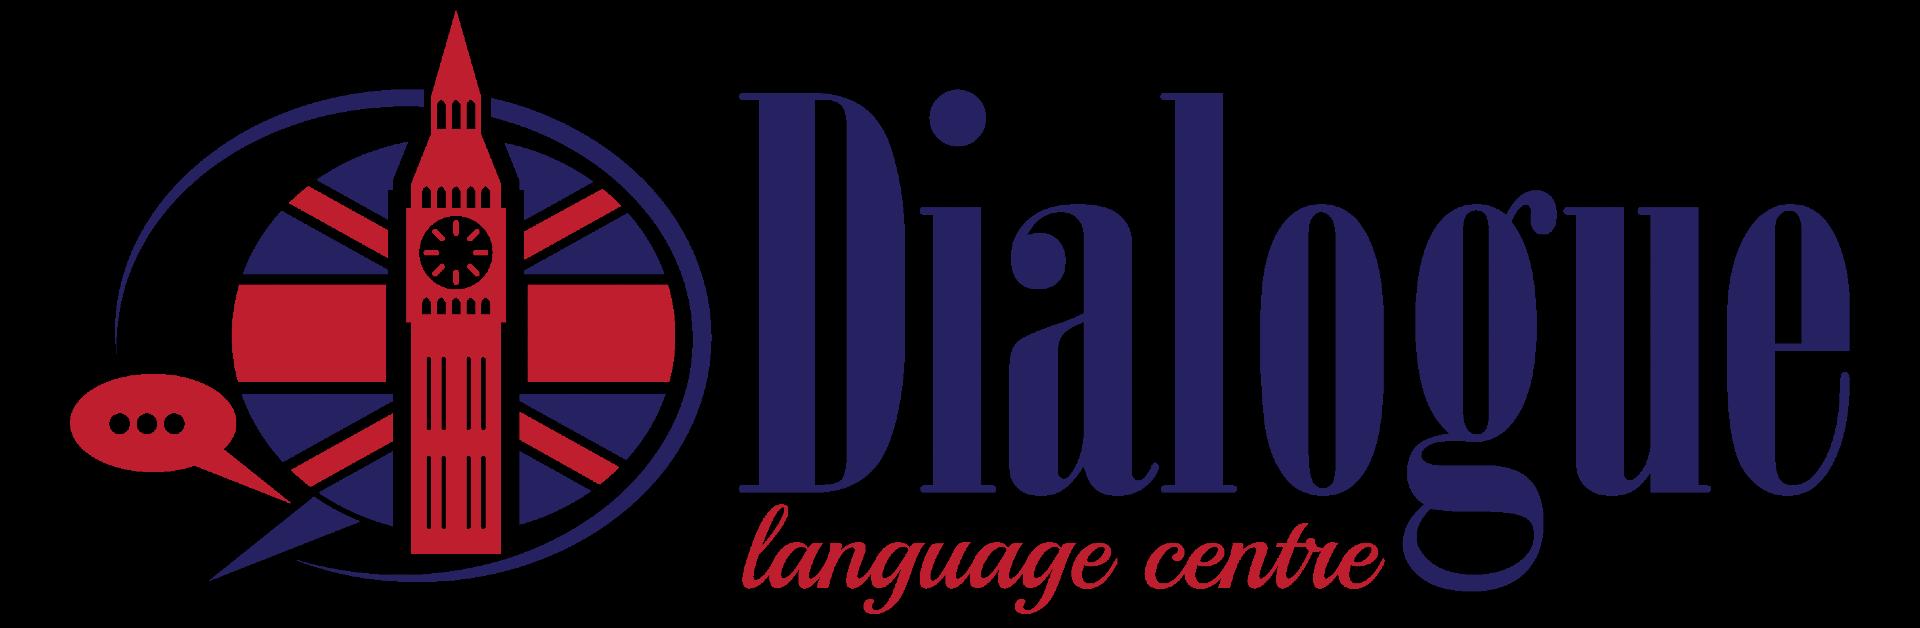 Образовательный сайт по правописанию слов и изучению иностранных языков